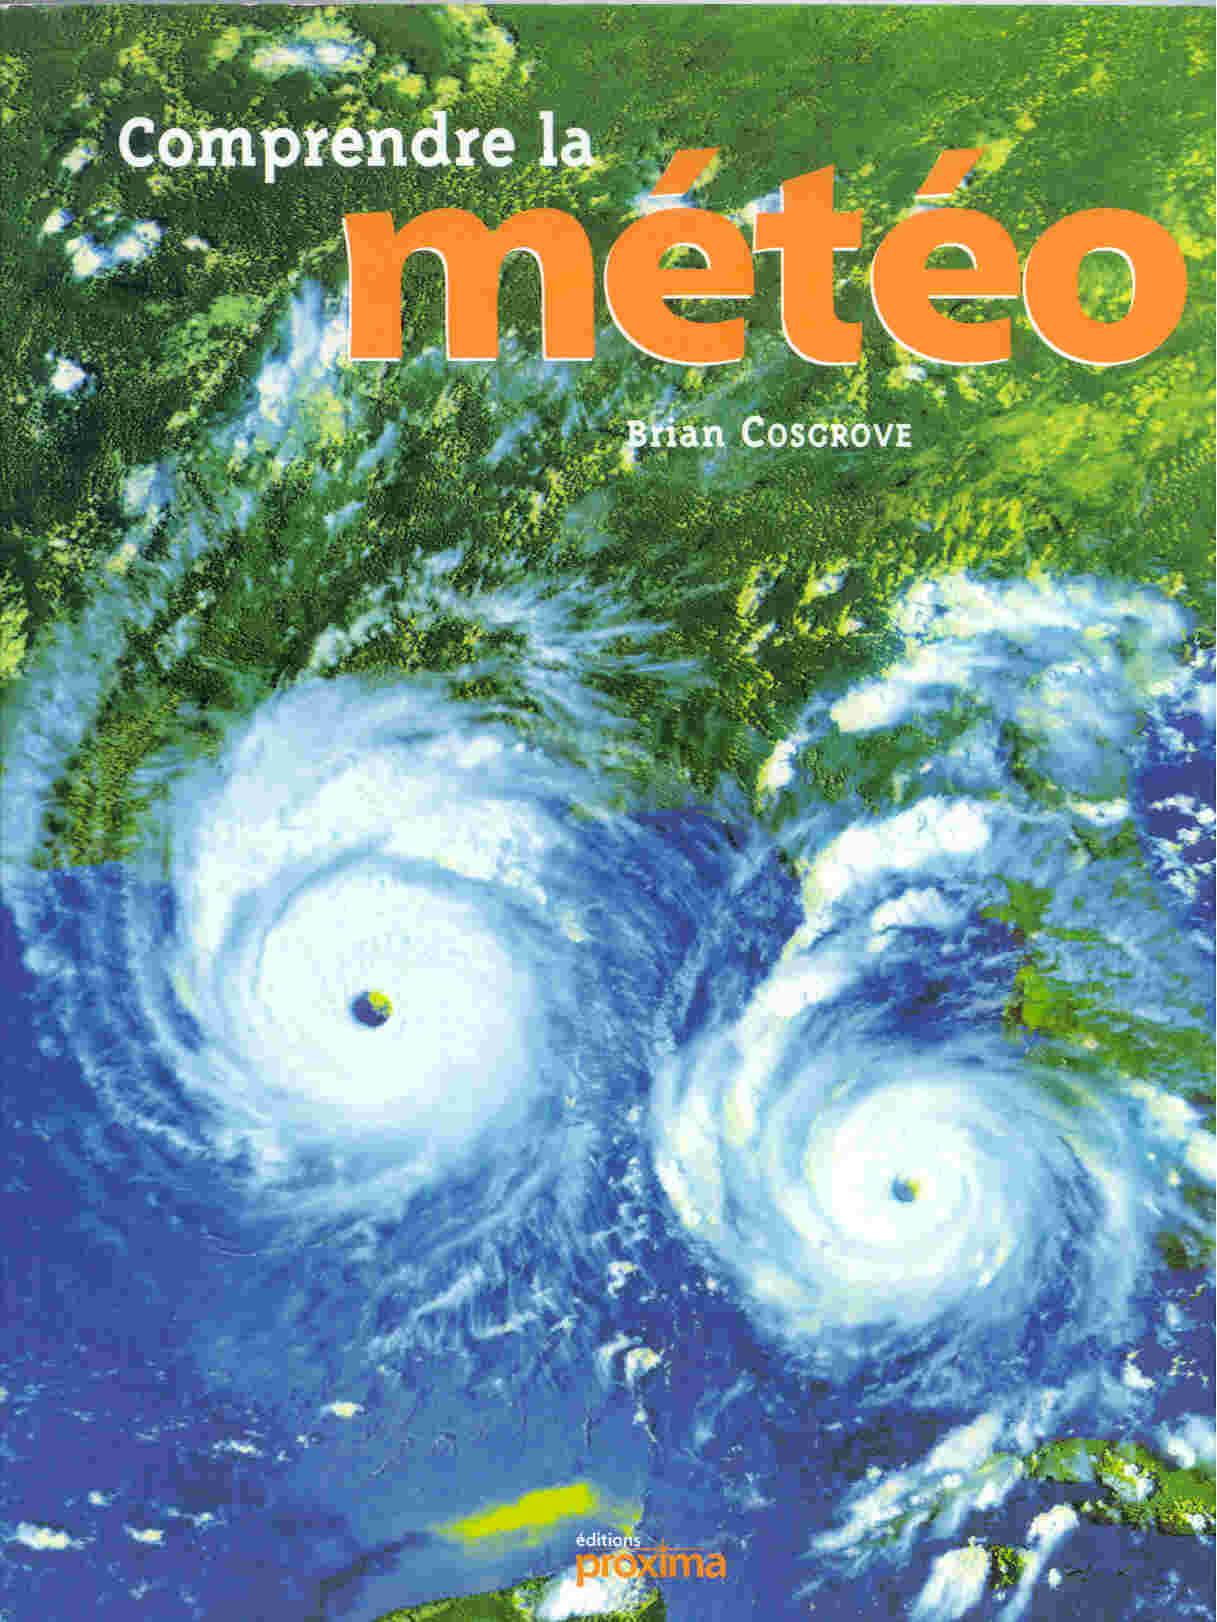 Comprendre la météo - Brian Cosgrove